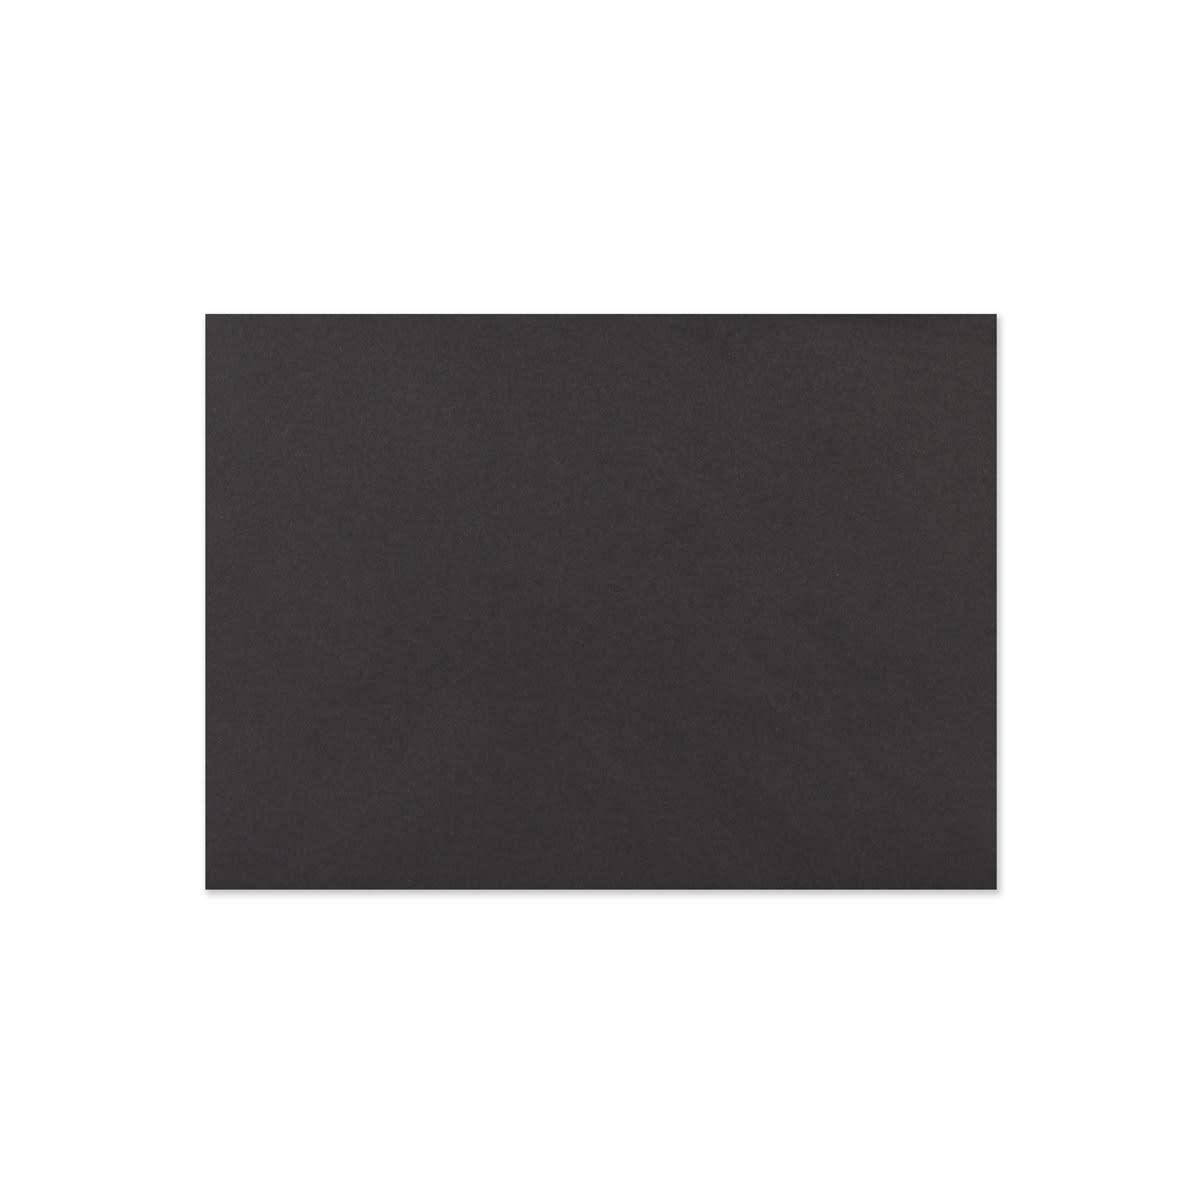 BLACK 133 x 184mm ENVELOPES 120GSM